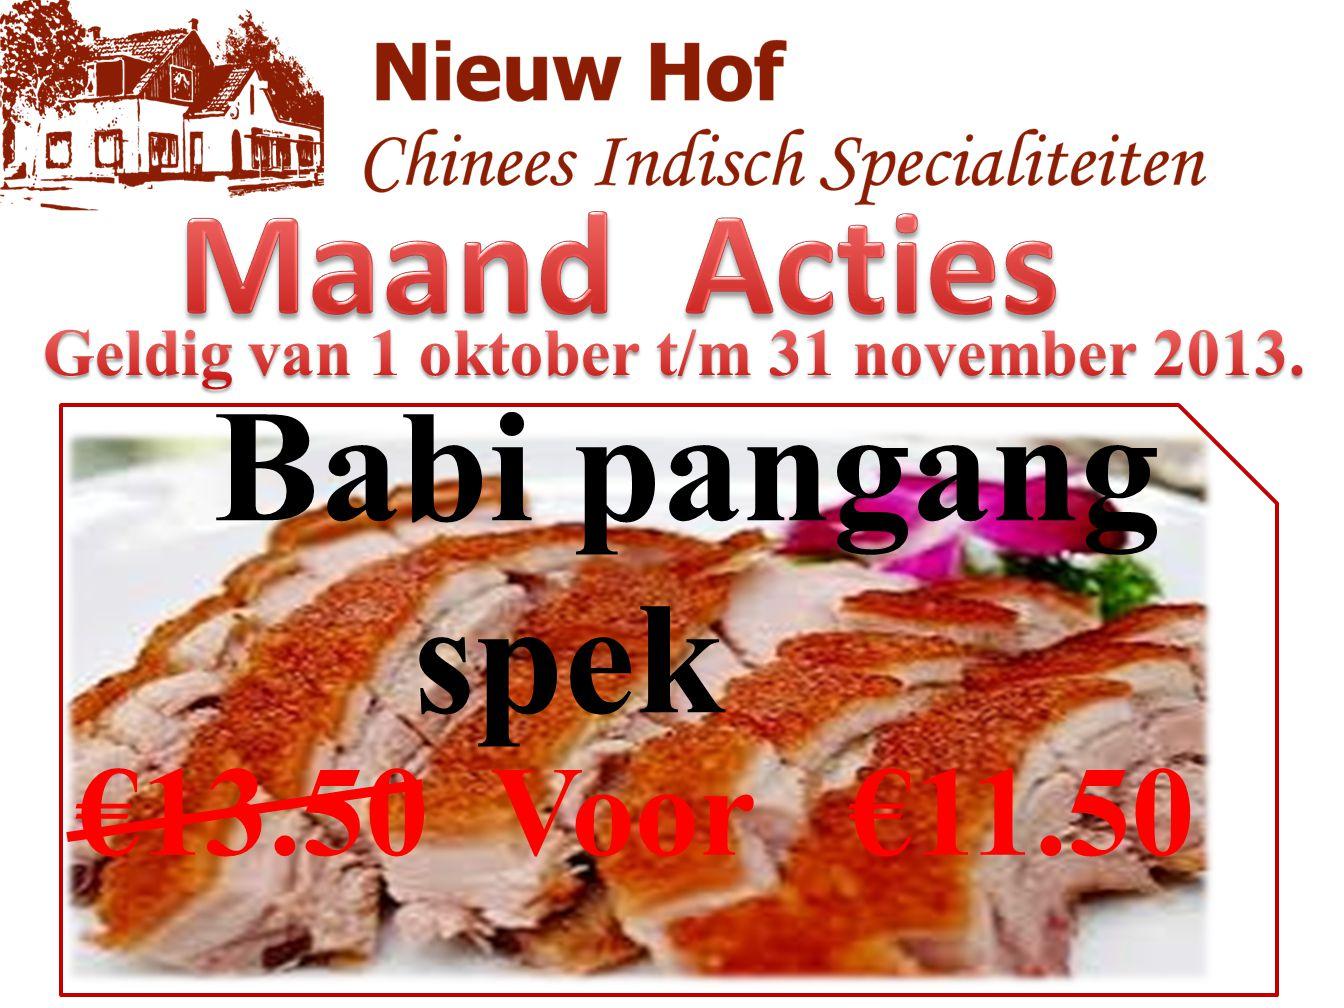 Babi pangang spek Maand Acties €13.50 Voor €11.50